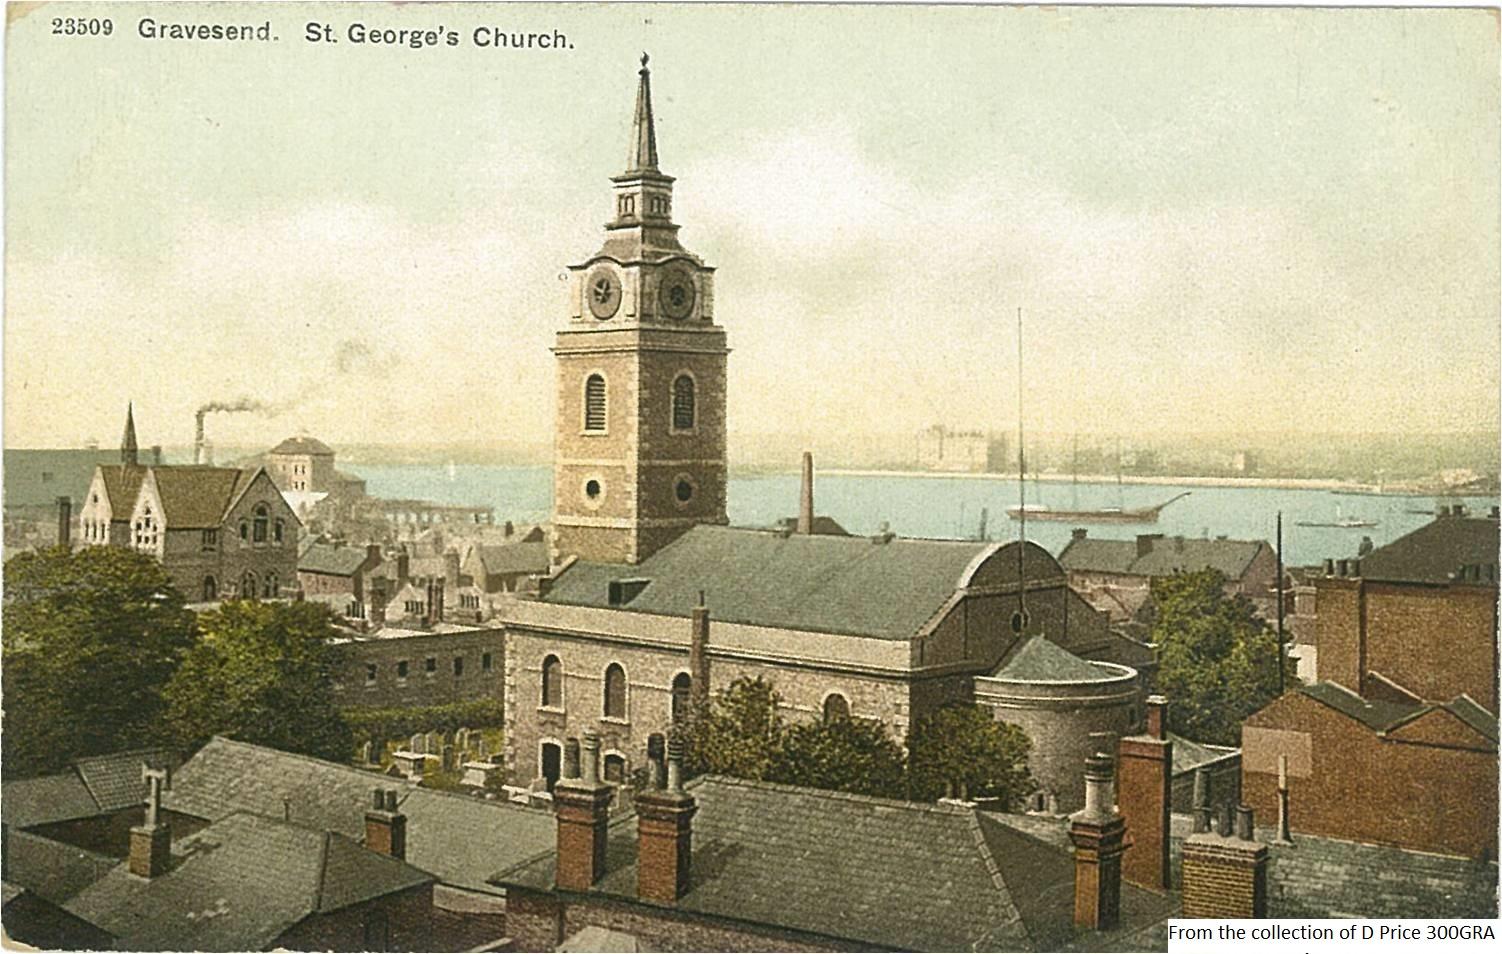 300gra-gravesend-st-georges-church